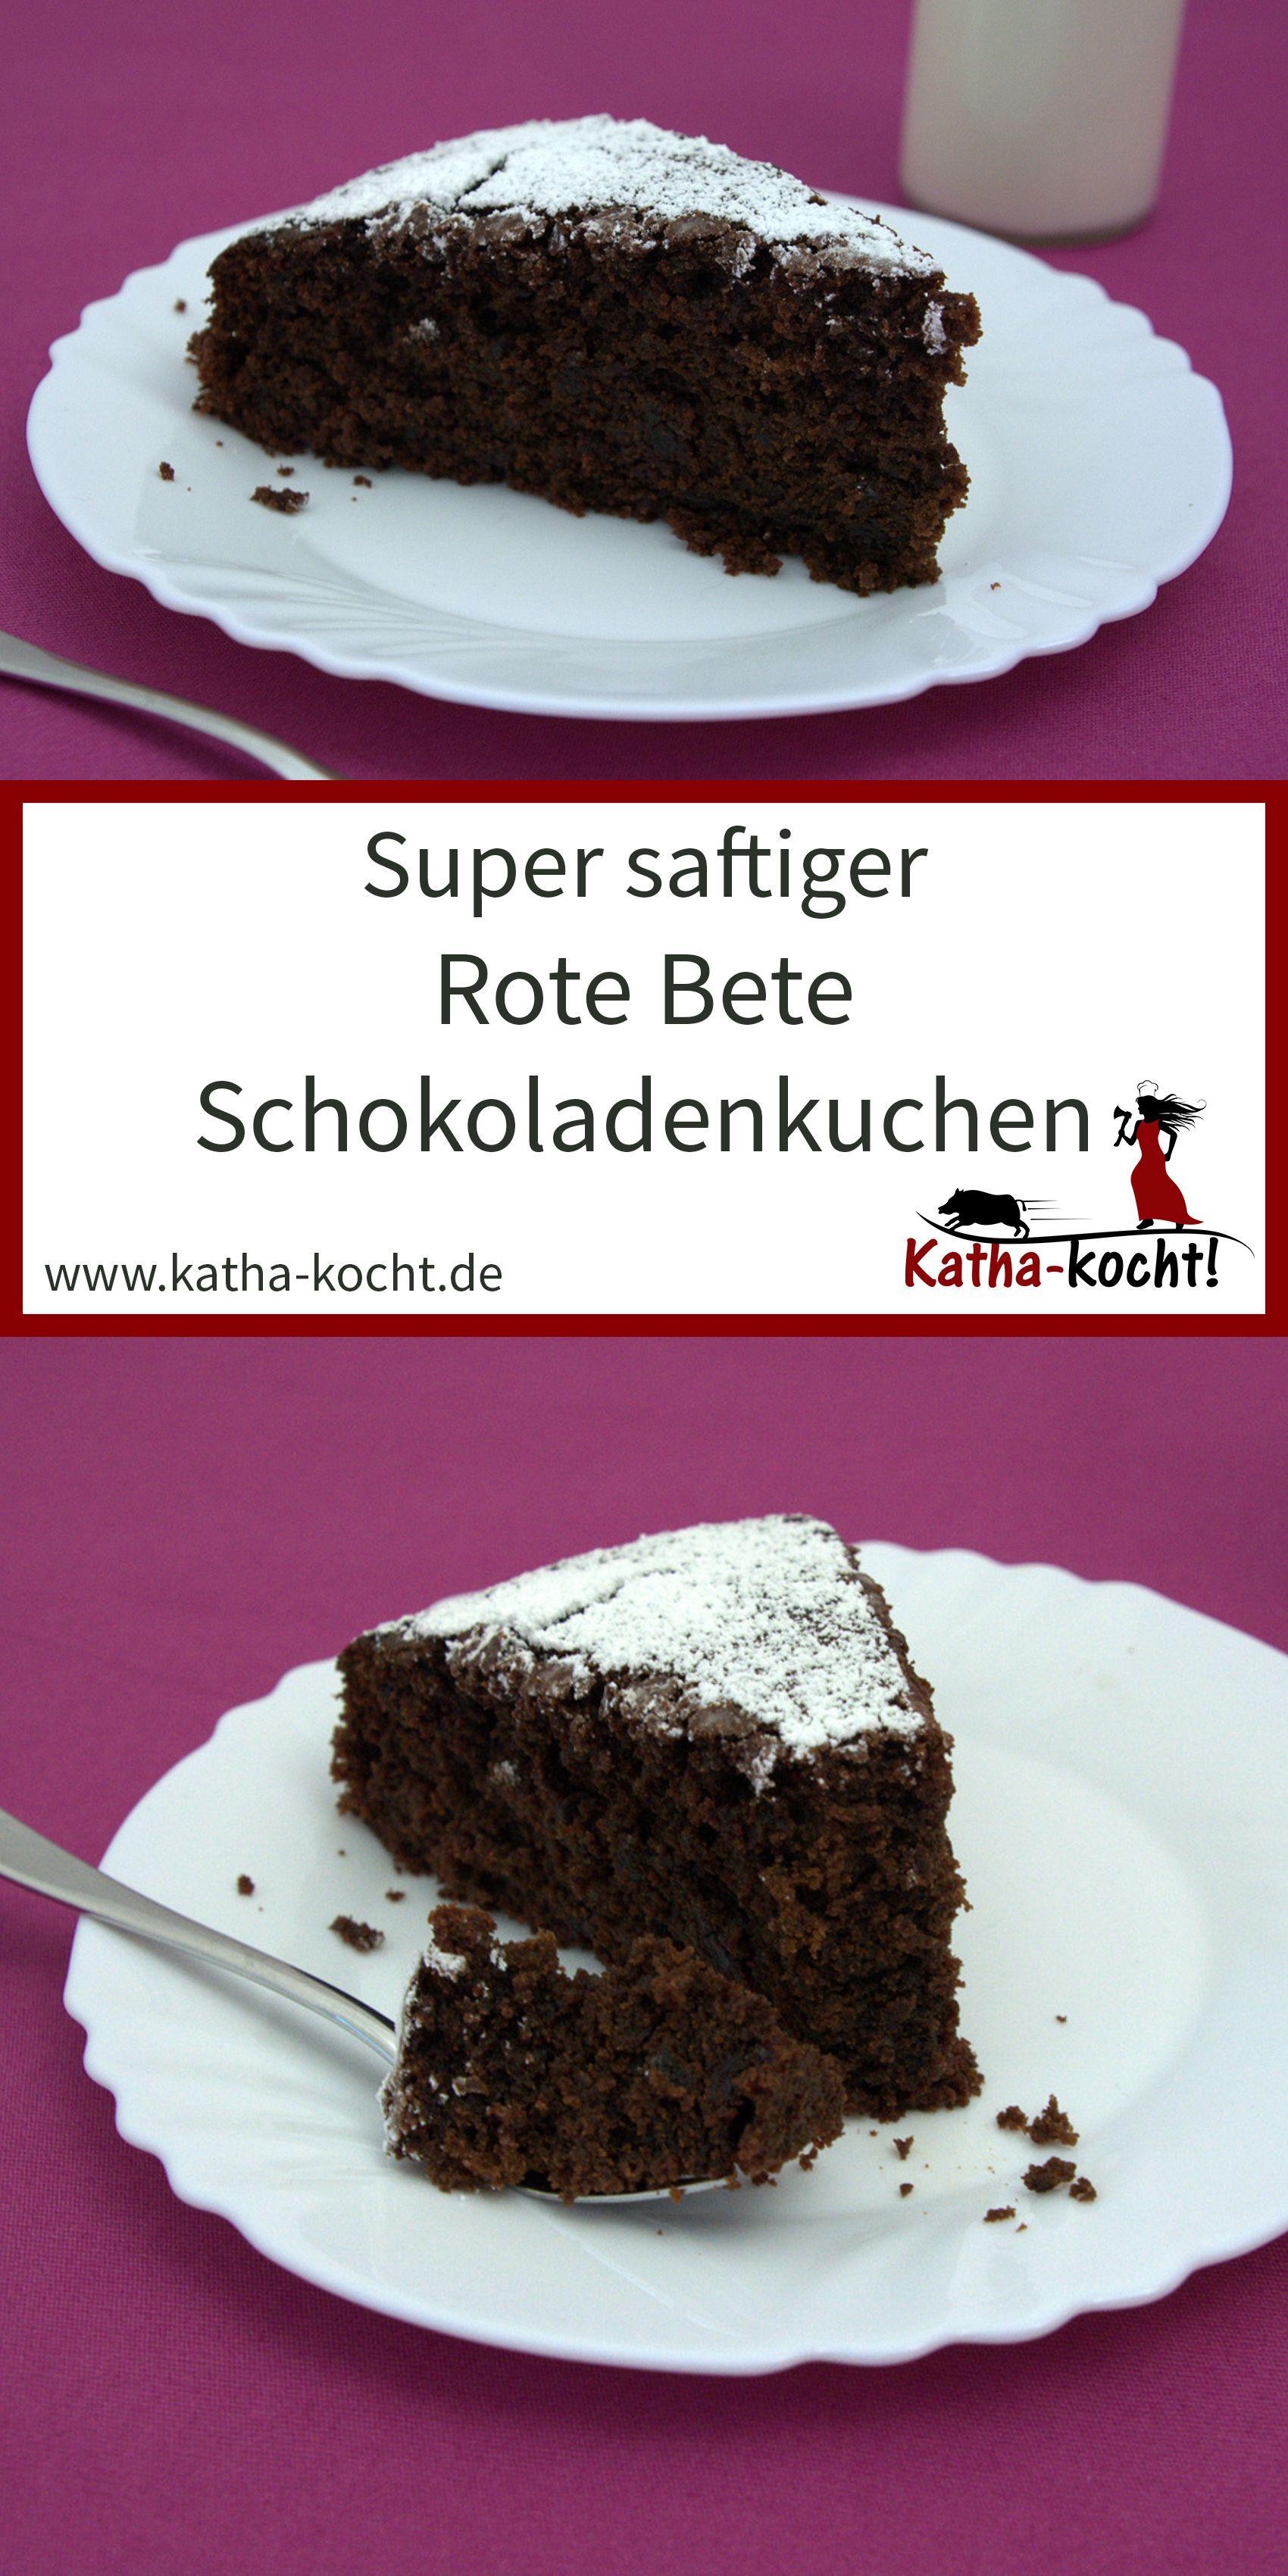 Saftiger Rote Bete Schokoladenkuchen Schokolade Kuchen Rezepte Schokoladenkuchen Und Super Saftiger Schokoladenkuchen